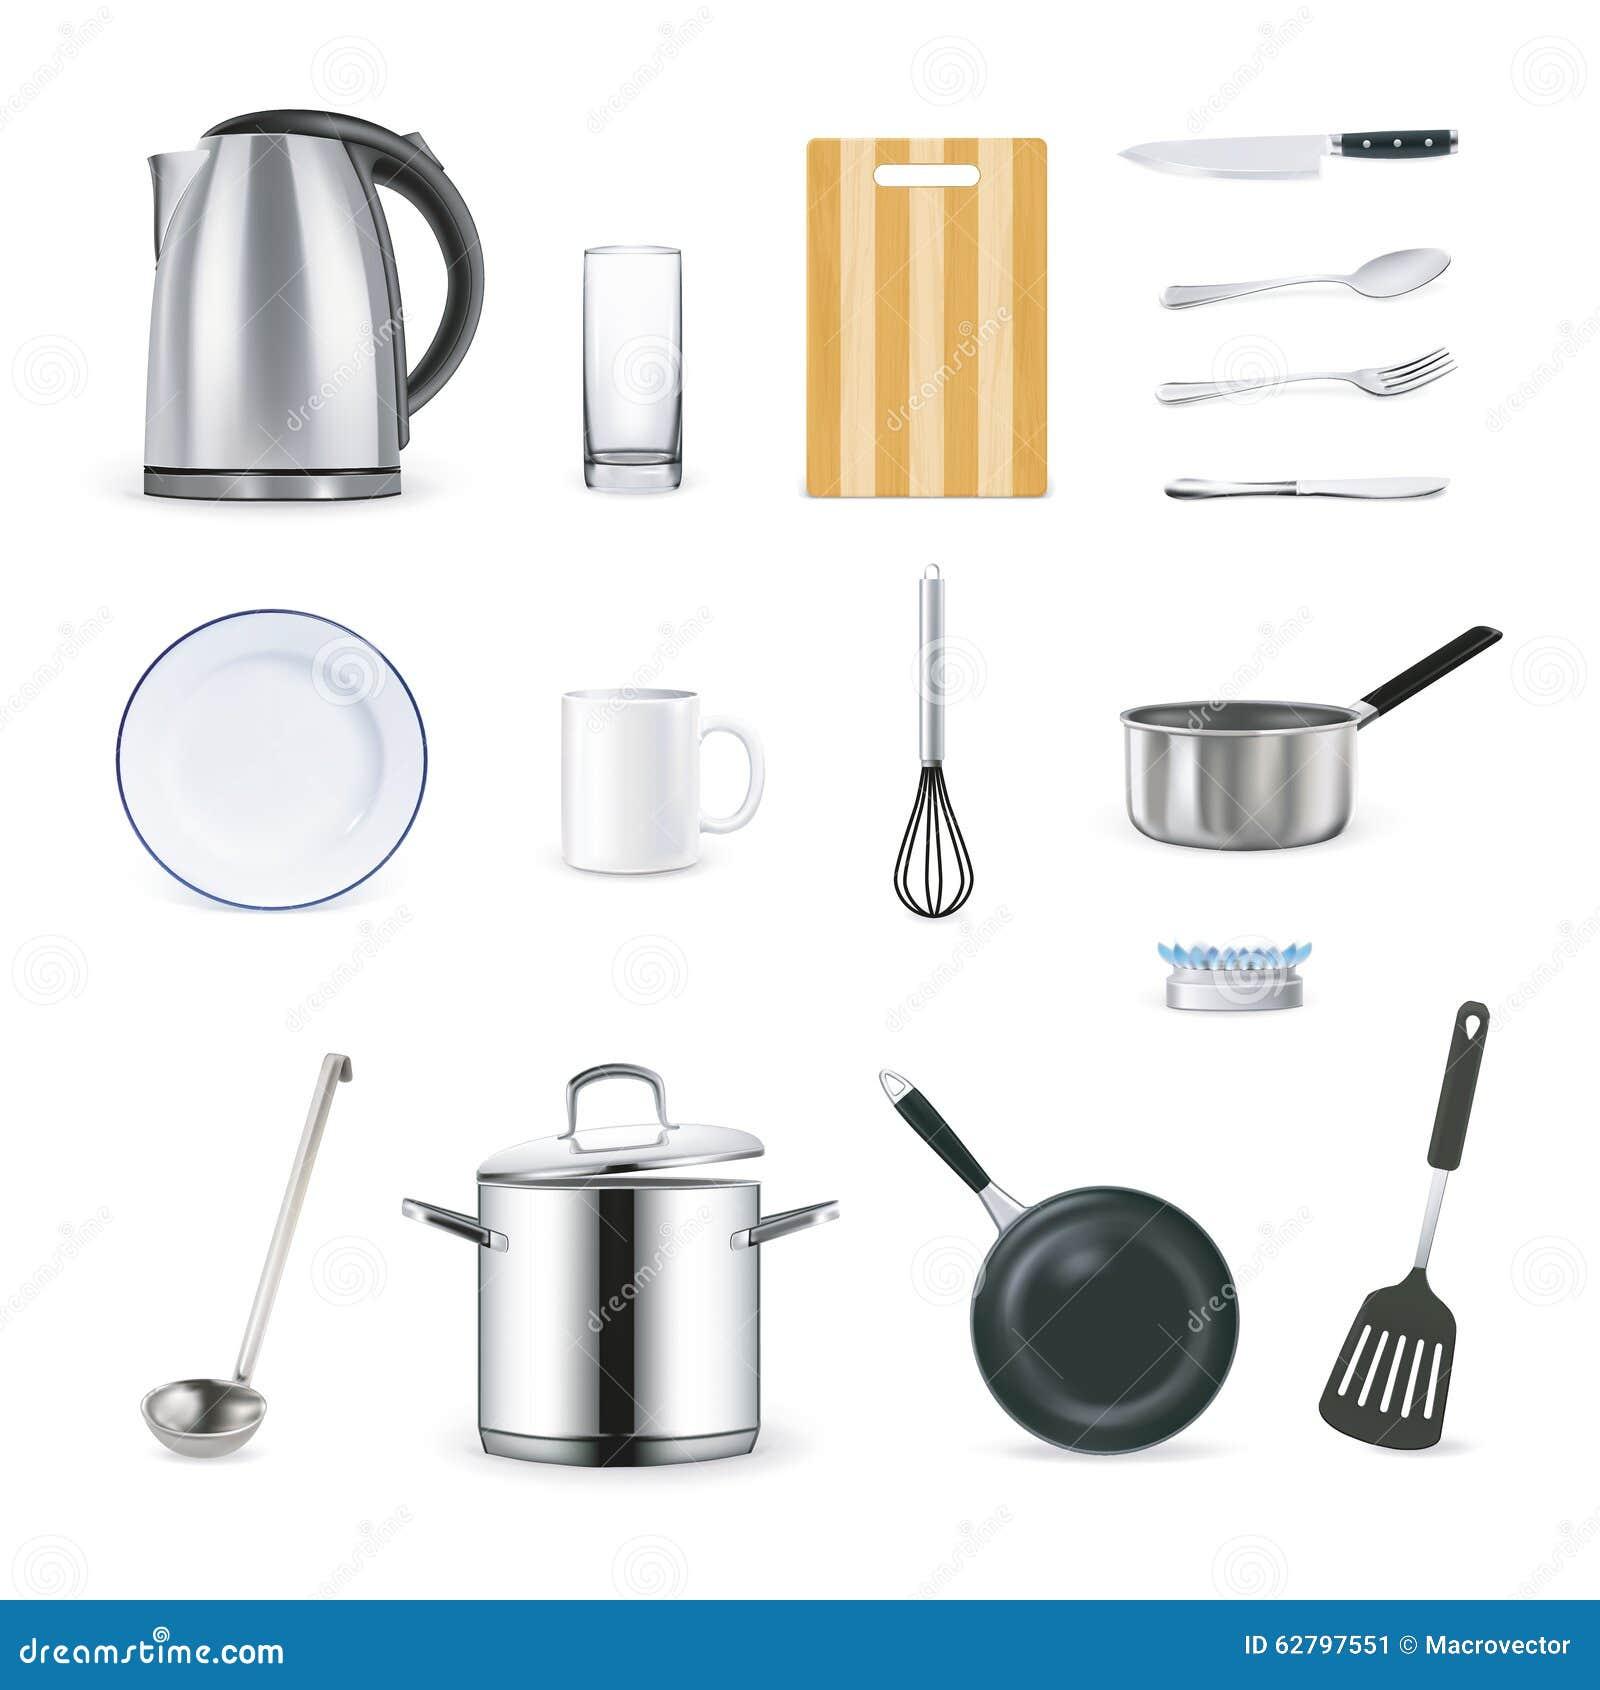 Realistische Ikonen von Küchen-Geräten